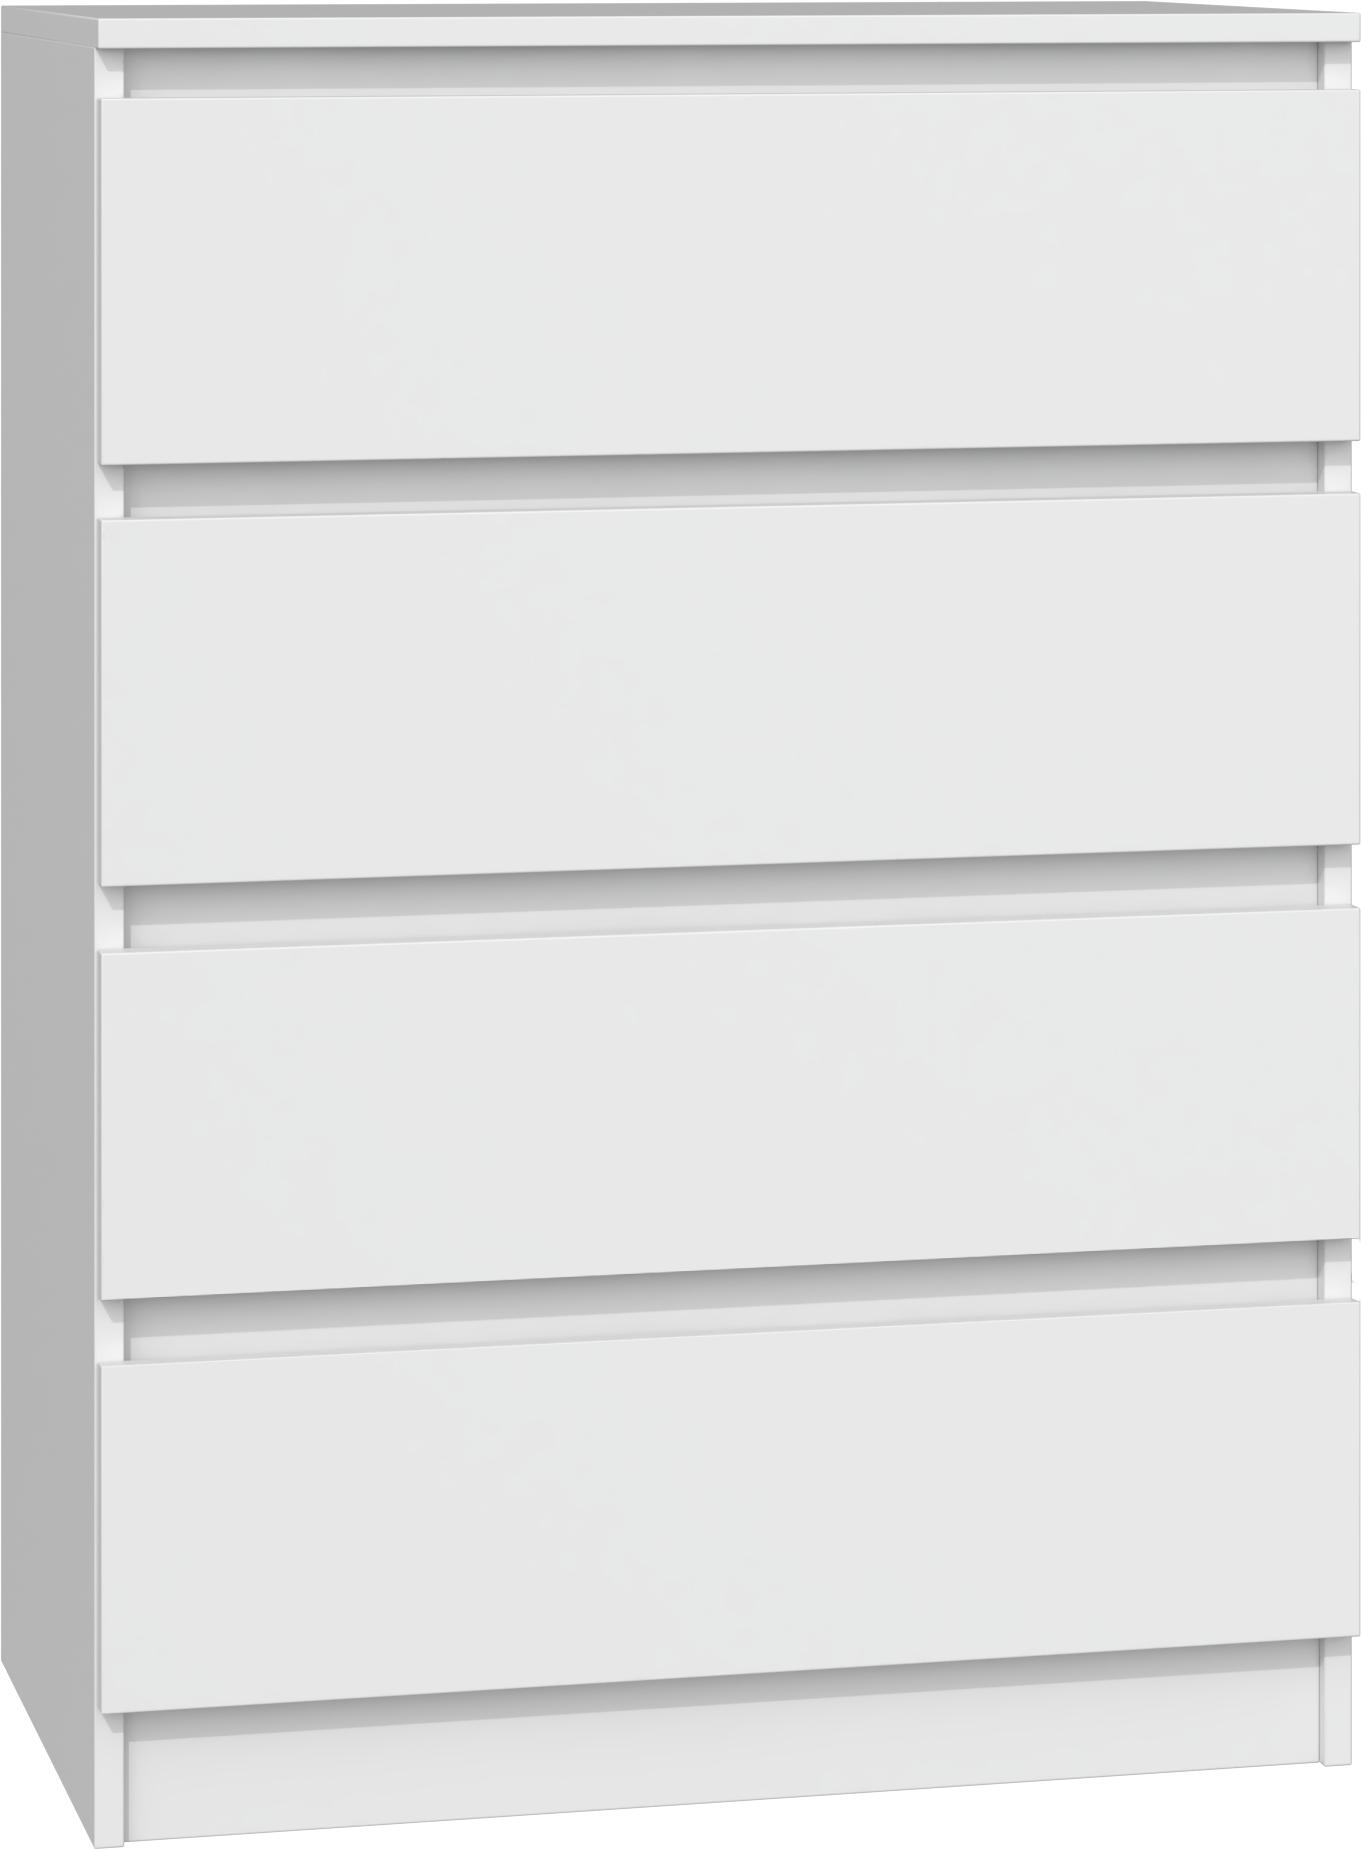 БОЛЬШОЙ КОМОД 4 ящик ШКАФ белая * от производителя M4